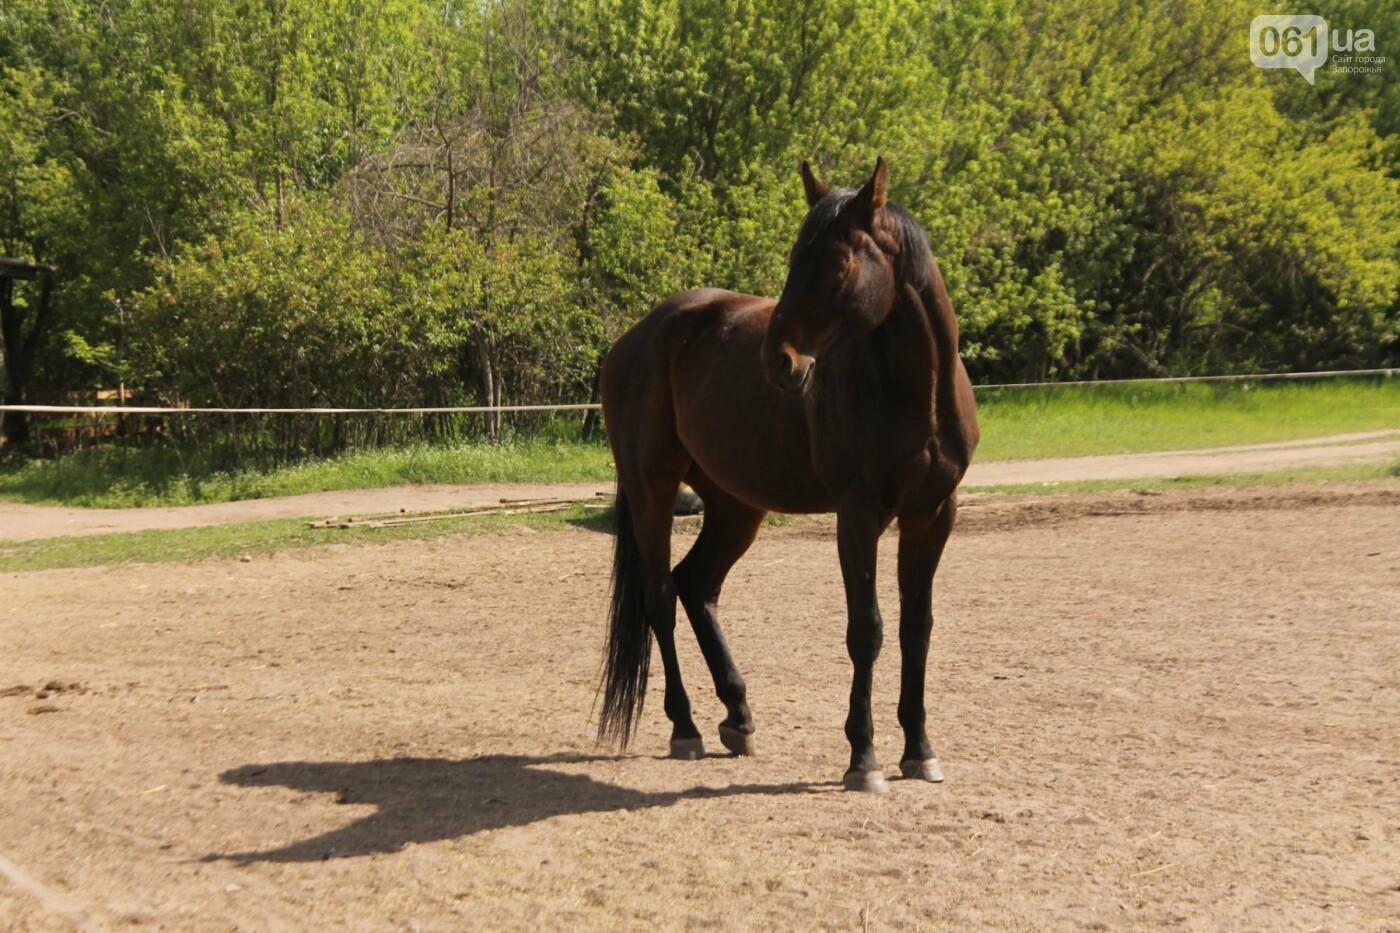 Незабываемое общение с лошадьми: экскурсия в конноспортивный клуб «Патриот», – ФОТОРЕПОРТАЖ, фото-13